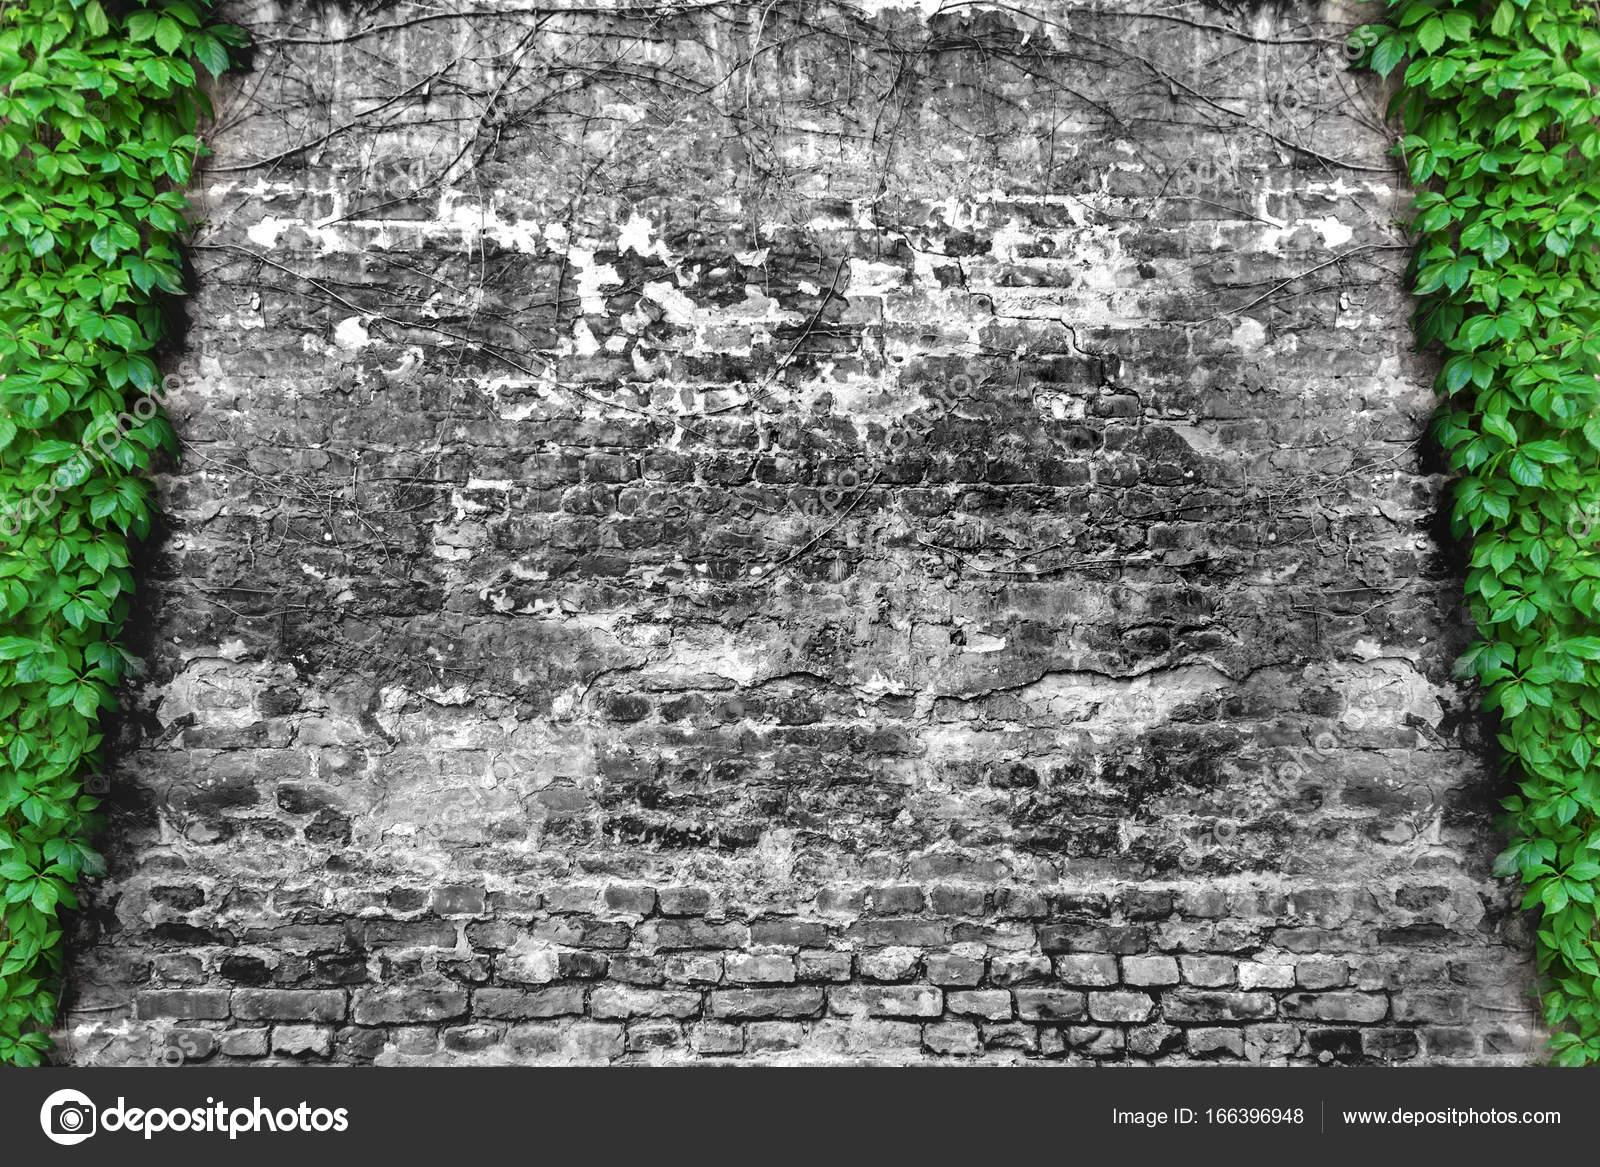 plante grimpante lierre vert et mur de brique b w. Black Bedroom Furniture Sets. Home Design Ideas